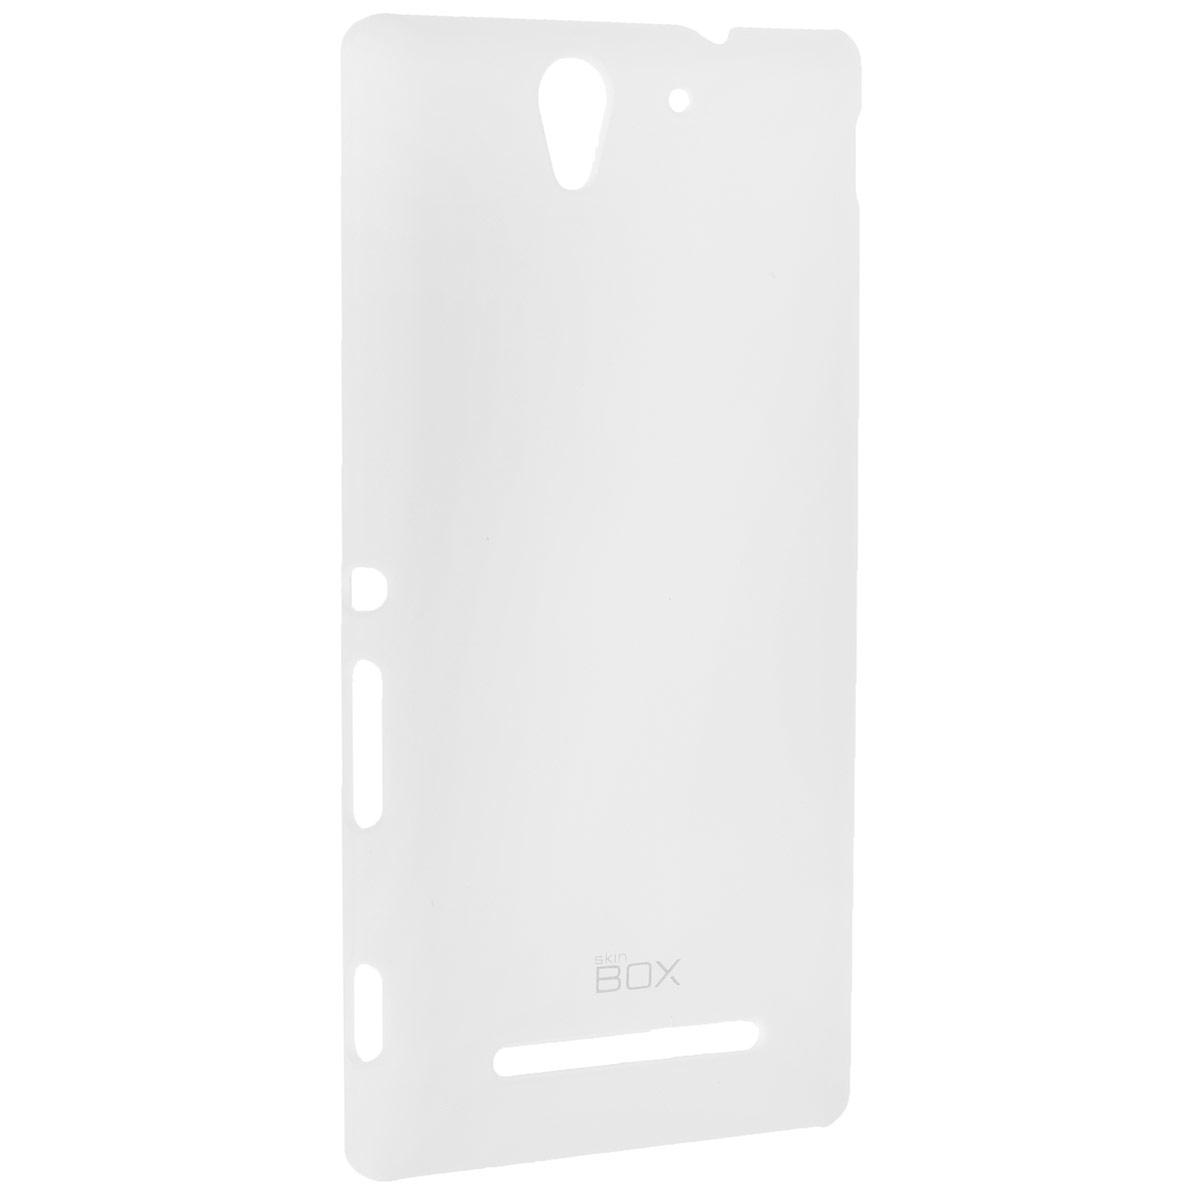 Skinbox Shield 4People чехол для Sony Xperia C3, WhiteT-S-SXС3-002Чехол Skinbox Shield 4People для Sony Xperia C3 предназначен для защиты корпуса смартфона от механических повреждений и царапин в процессе эксплуатации. Имеется свободный доступ ко всем разъемам и кнопкам устройства. В комплект также входит защитная пленка на экран телефона.